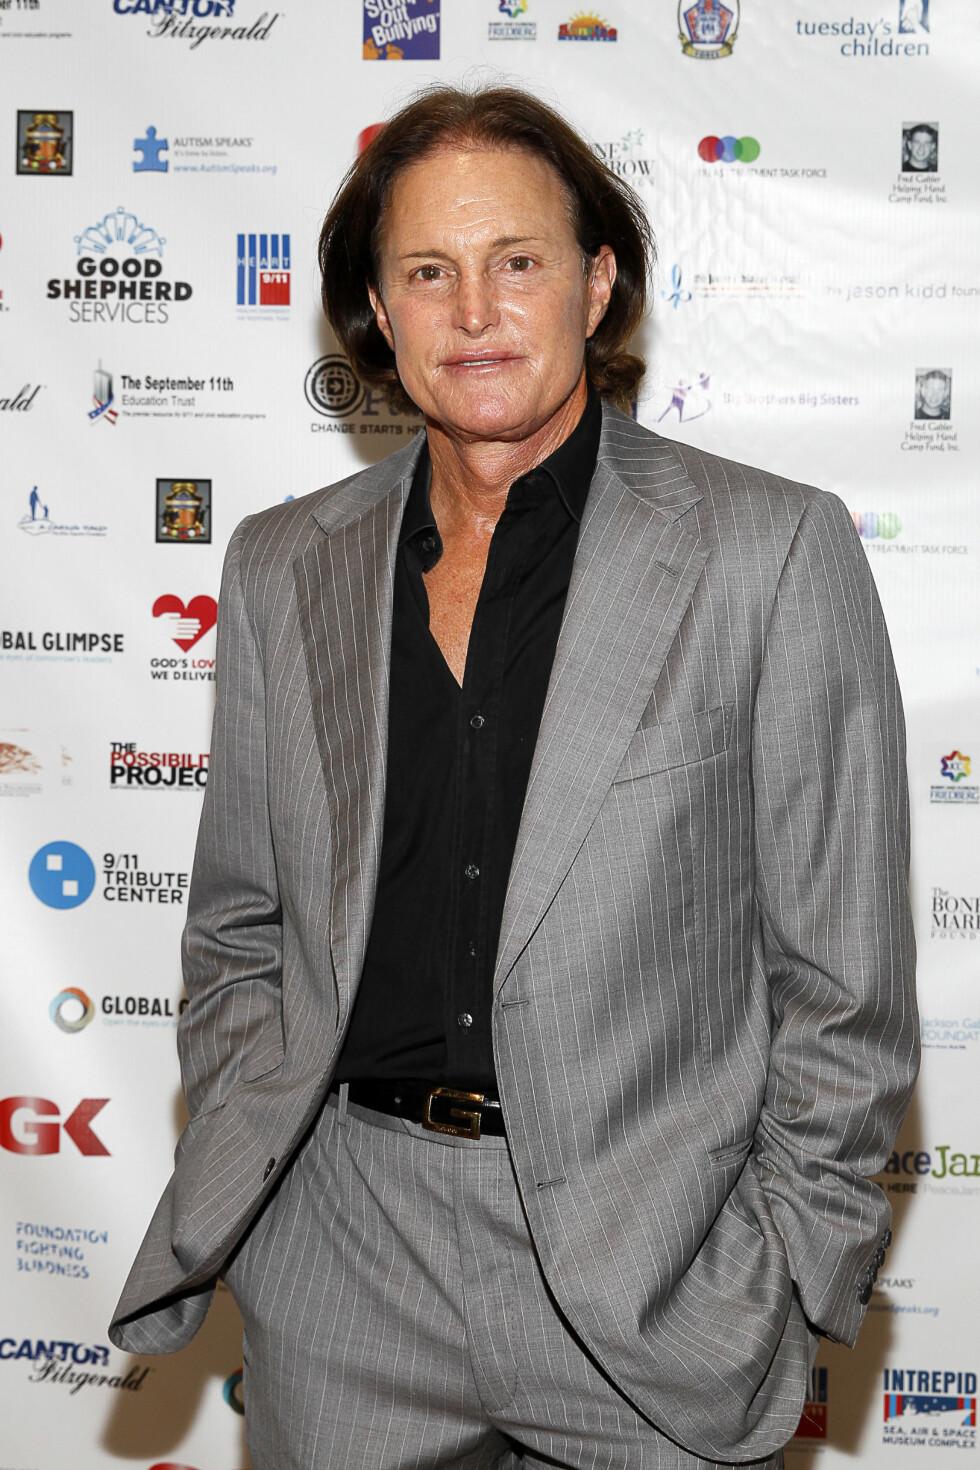 STRAM I MASKA: Bruce Jenner fotografert på et sportsevent i New York i 2013. De siste årene har reality-kjendisen latt håret gro. Foto: NTB Scanpix